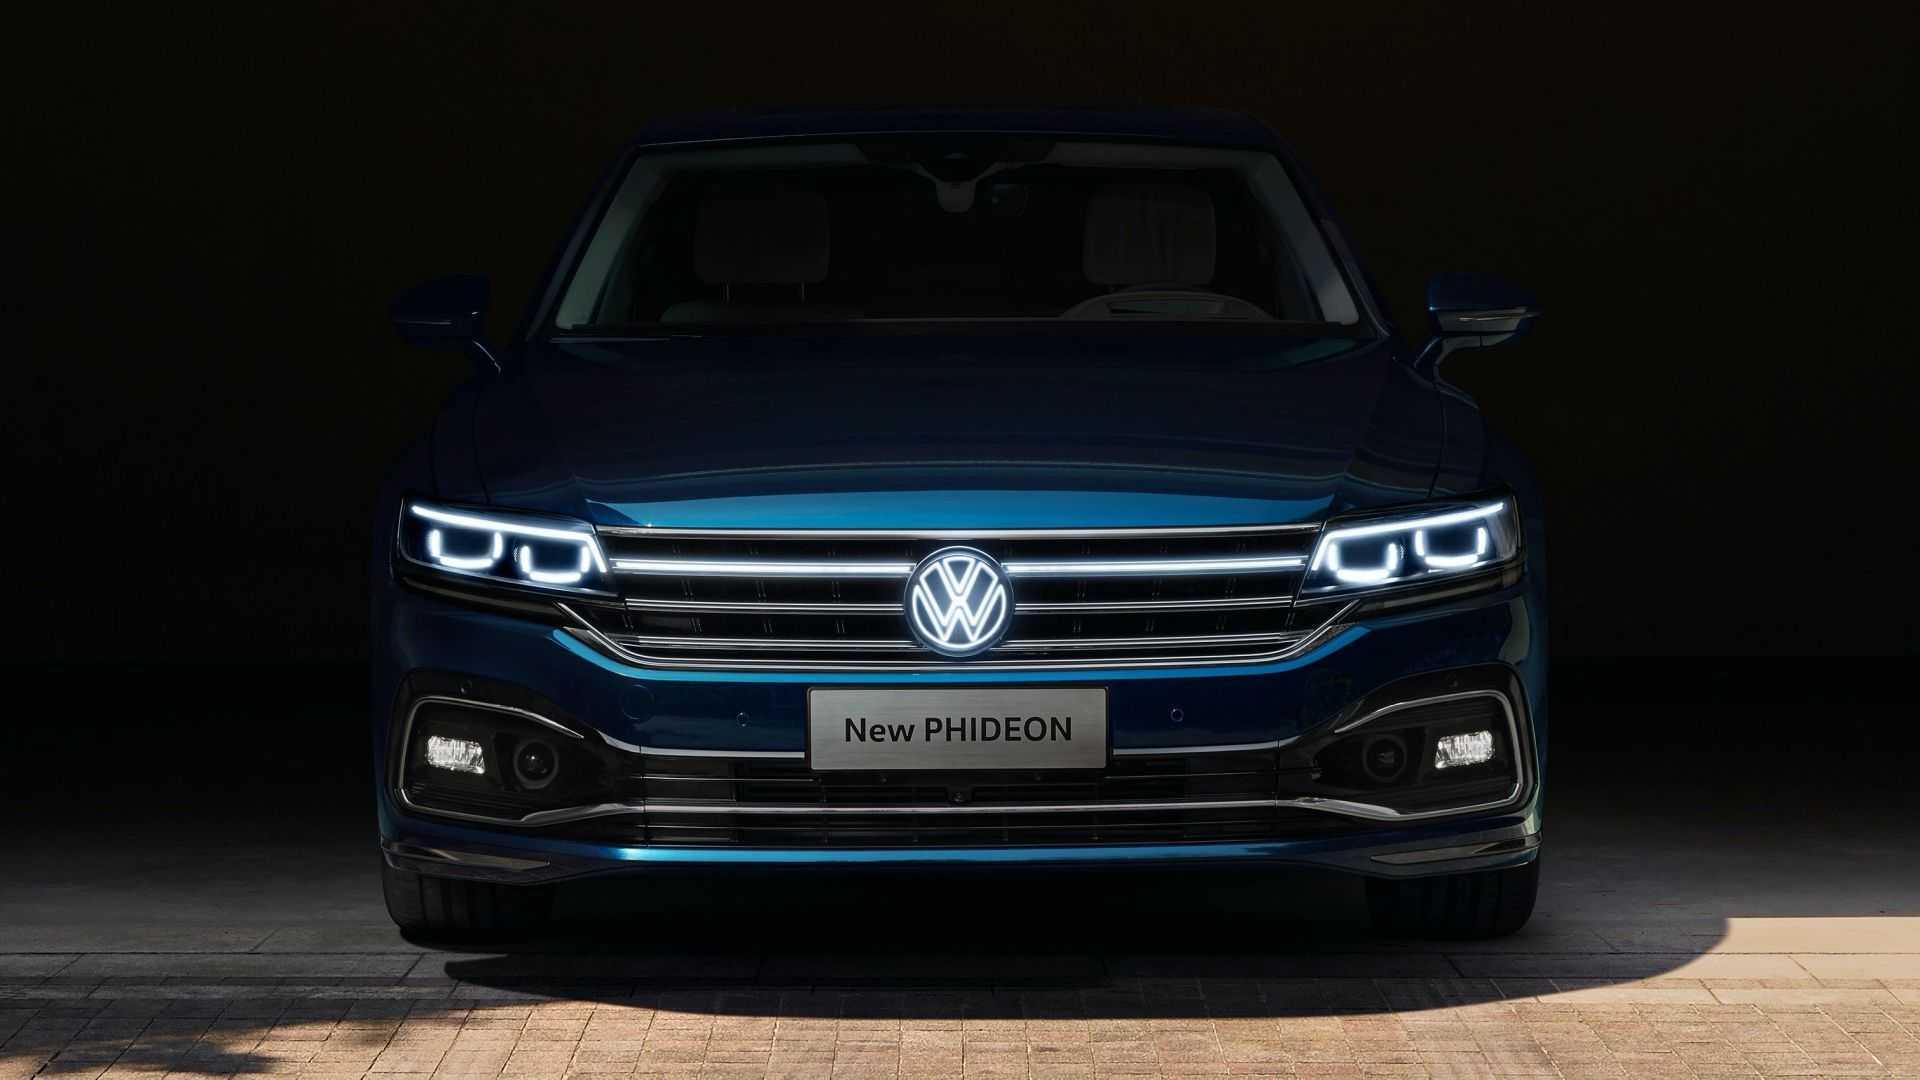 Volkswagen Phideon with makeup at Beijing Motor Show